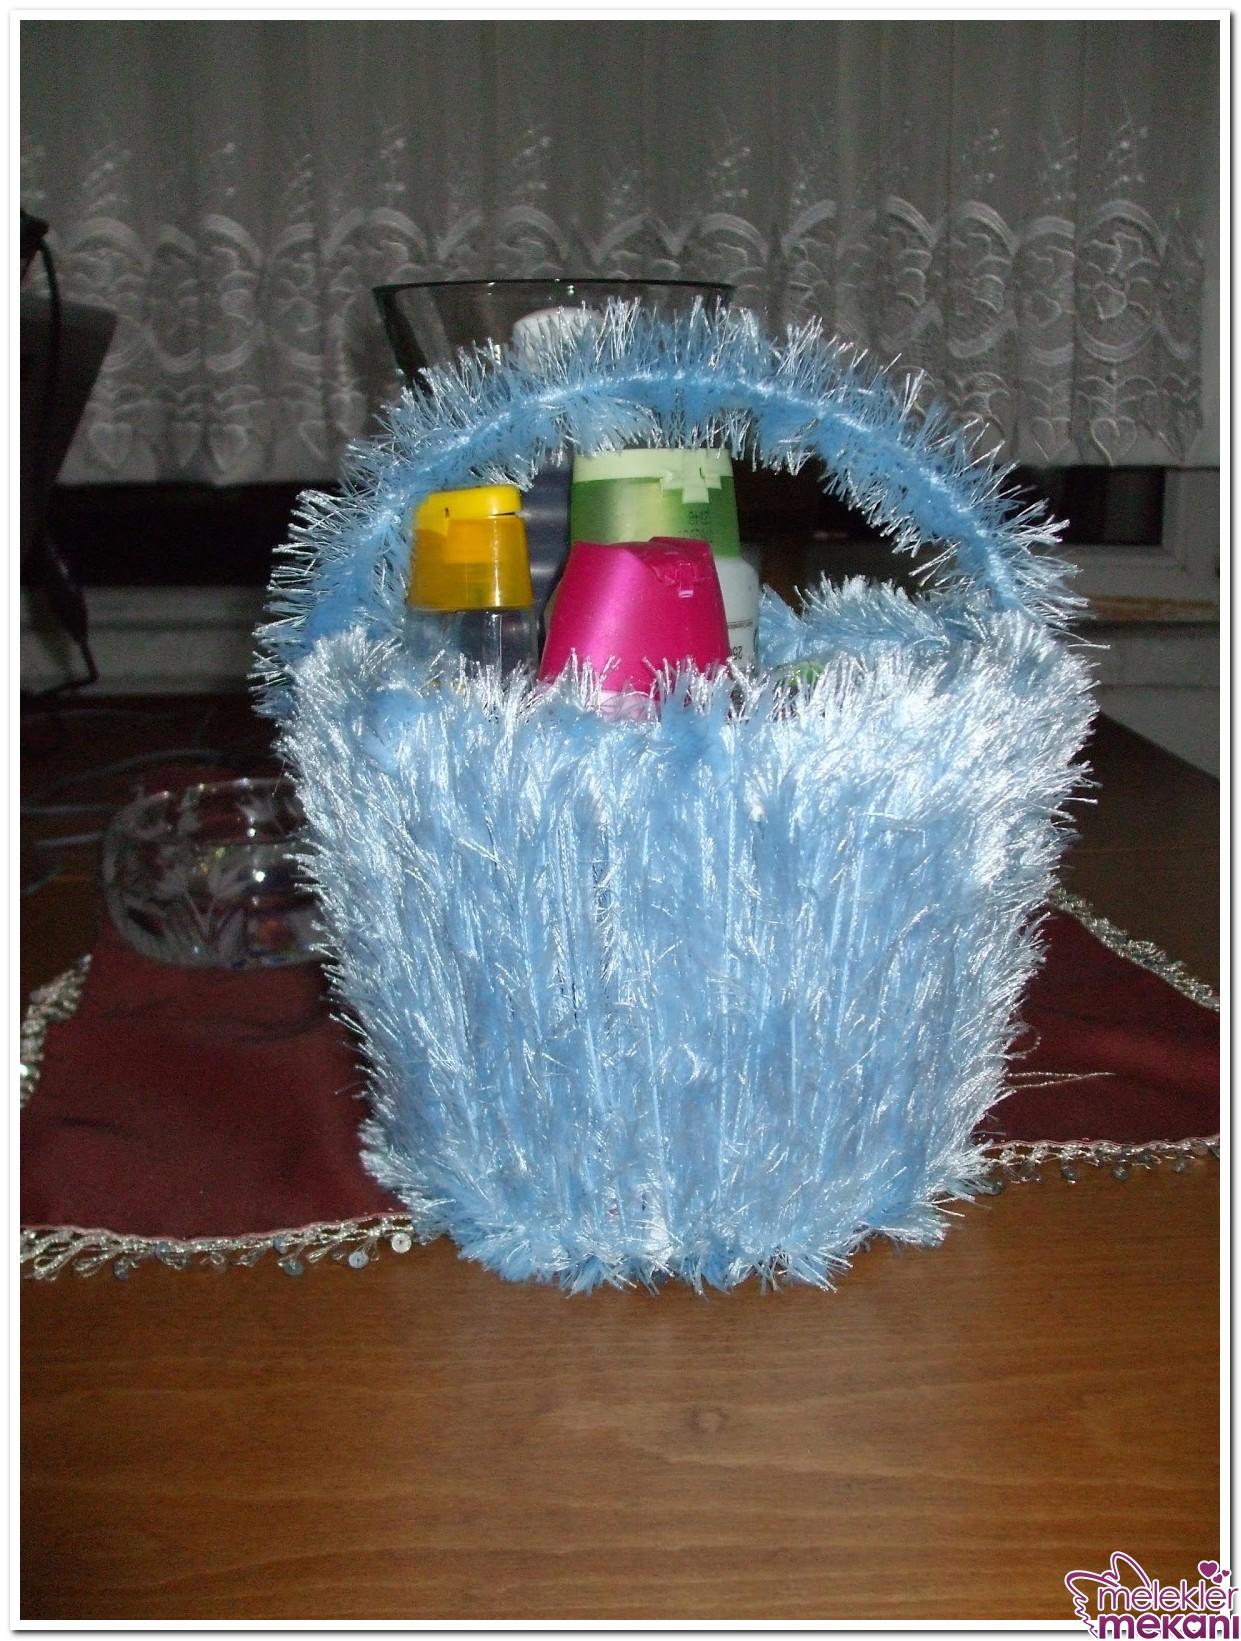 orgu-sepet-modelleri-jpg.81611,Yoğurt kabından çok amaçlı sepet modelleri ve yapılışı